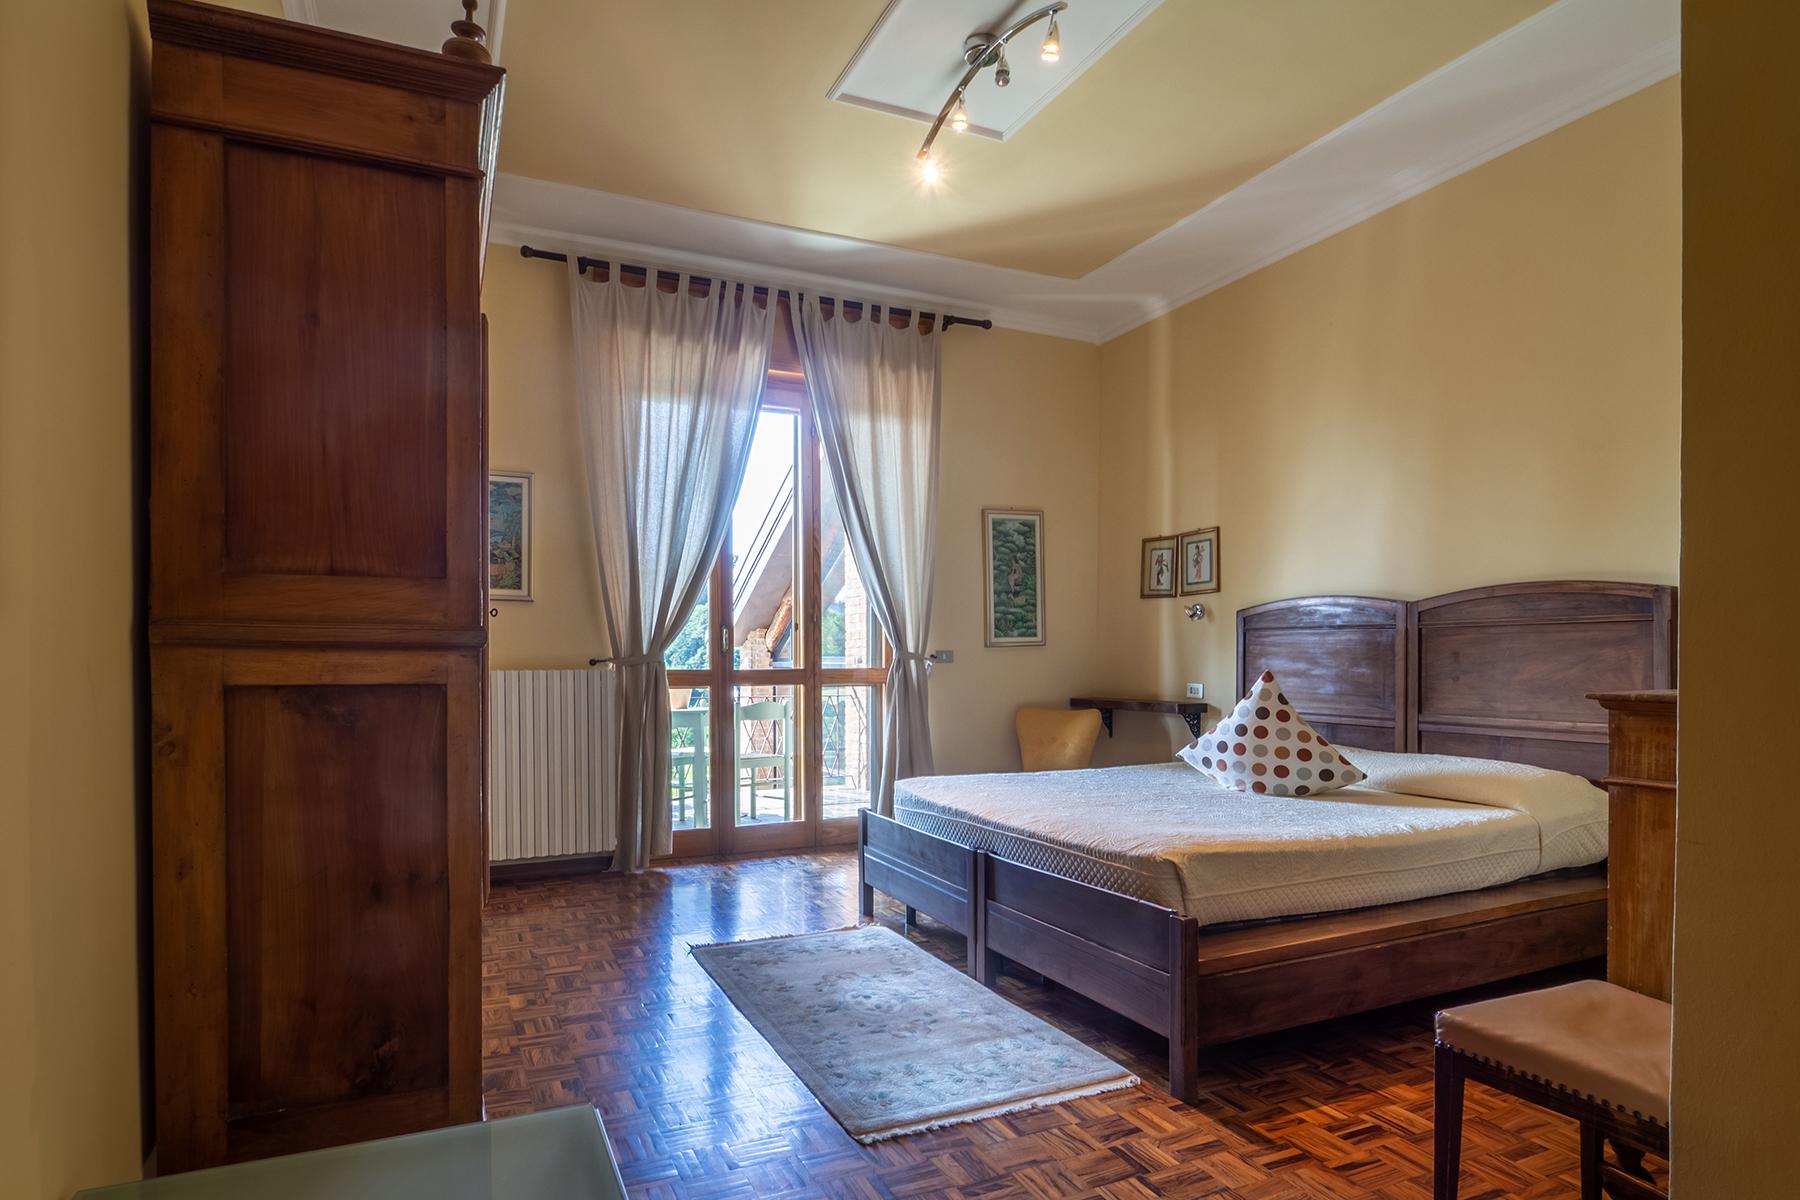 Rustico in Vendita a Sala Monferrato: 5 locali, 1000 mq - Foto 9